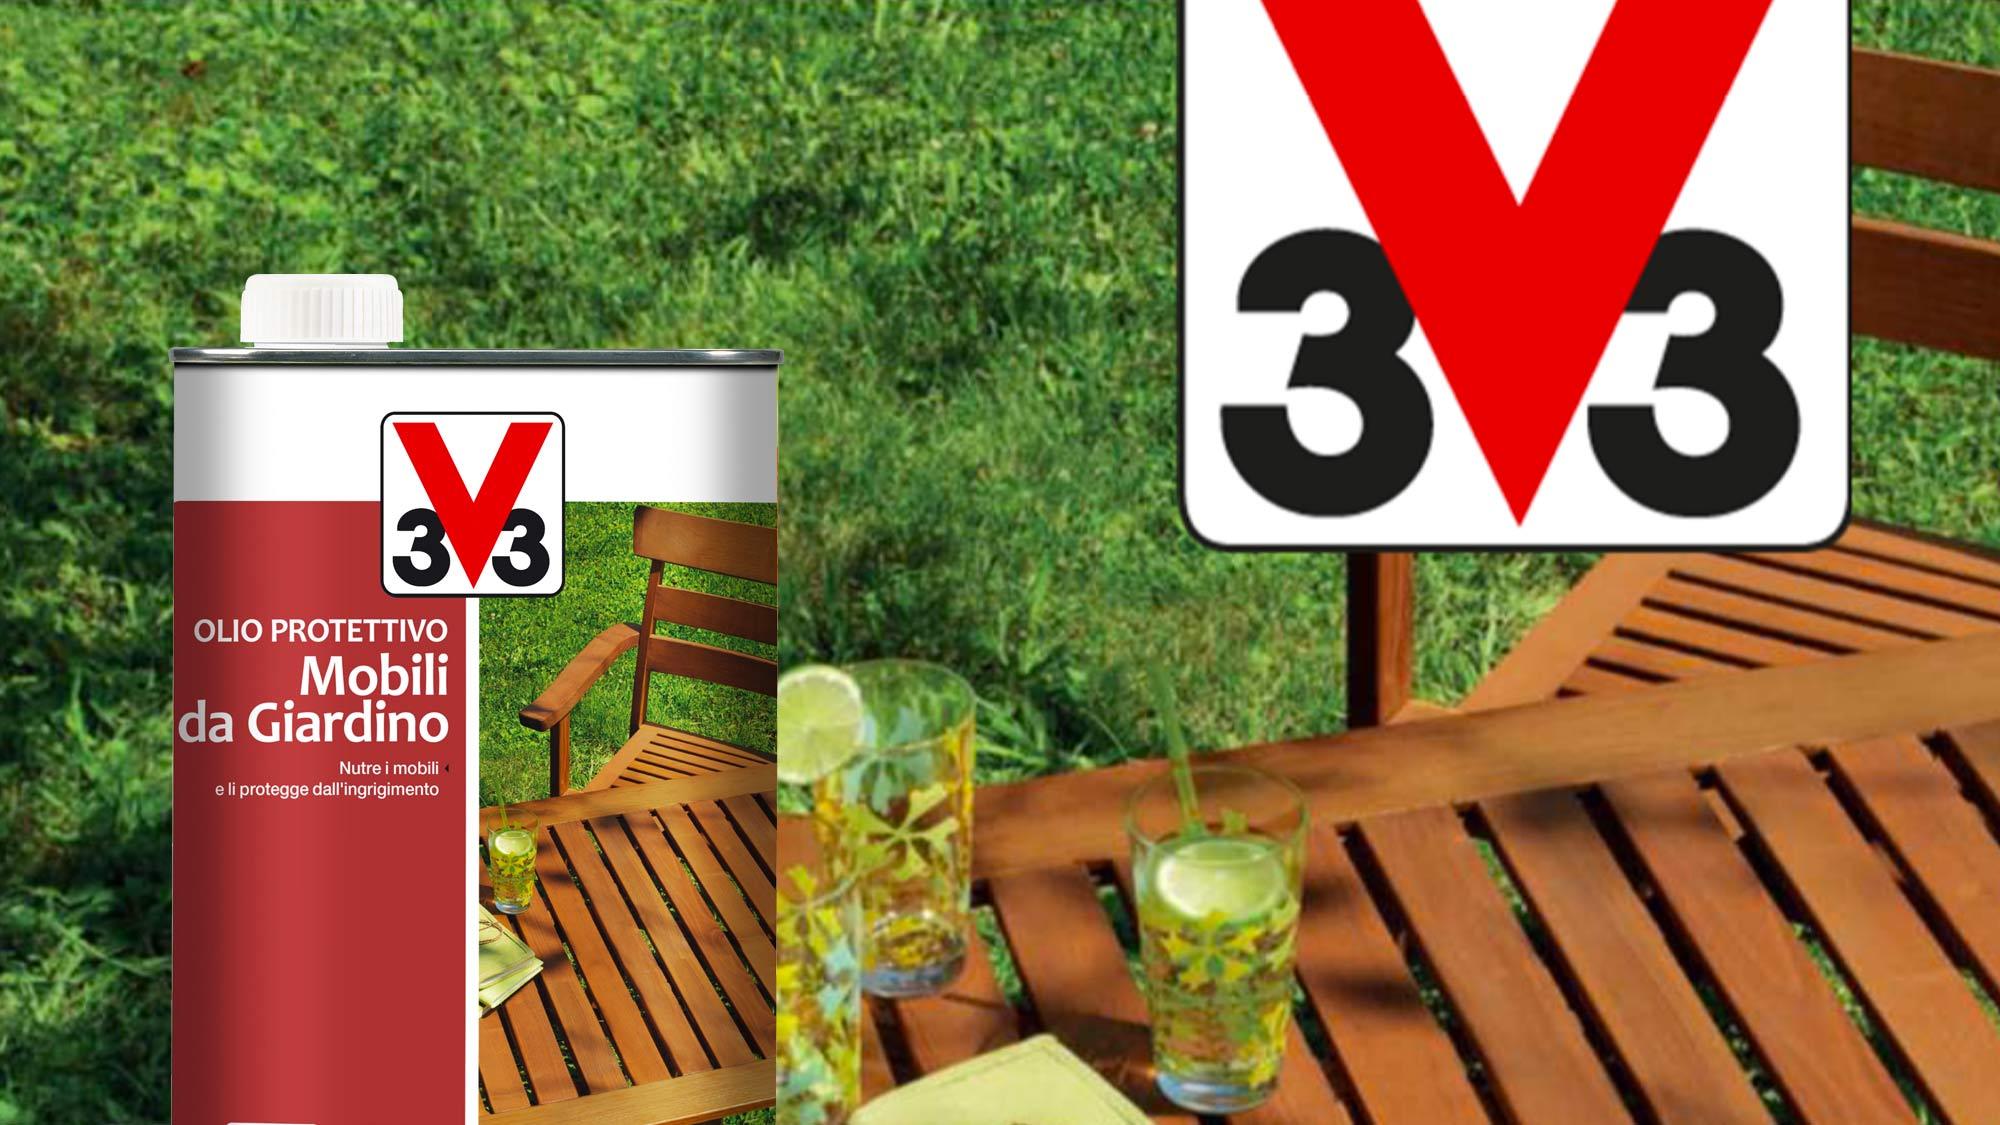 Olio protettivo per mobili da giardino | V33